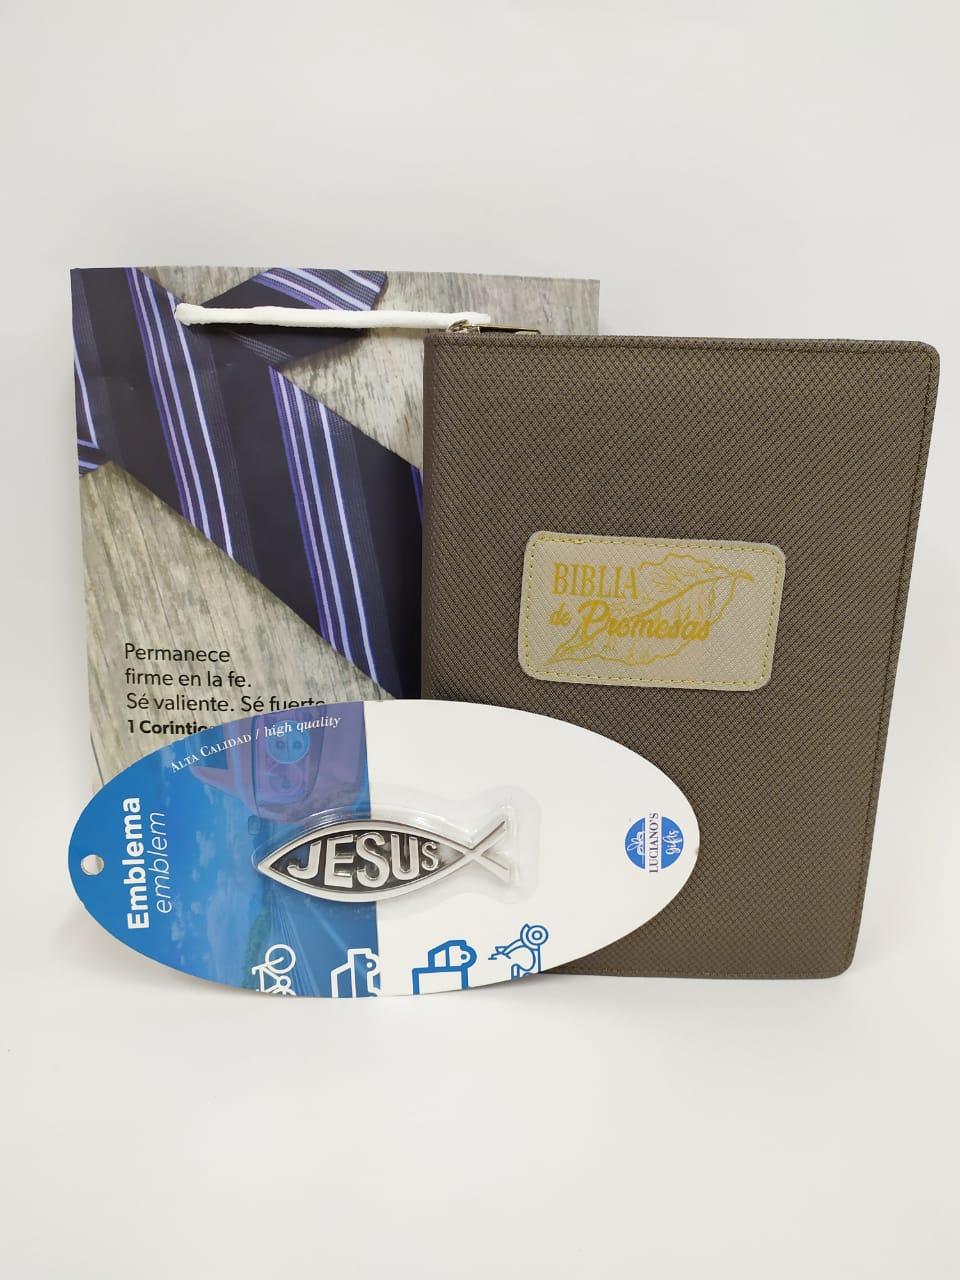 Biblia de Promesas Cierre + Emblema de Auto Pez Pequeño + Funda de regalo